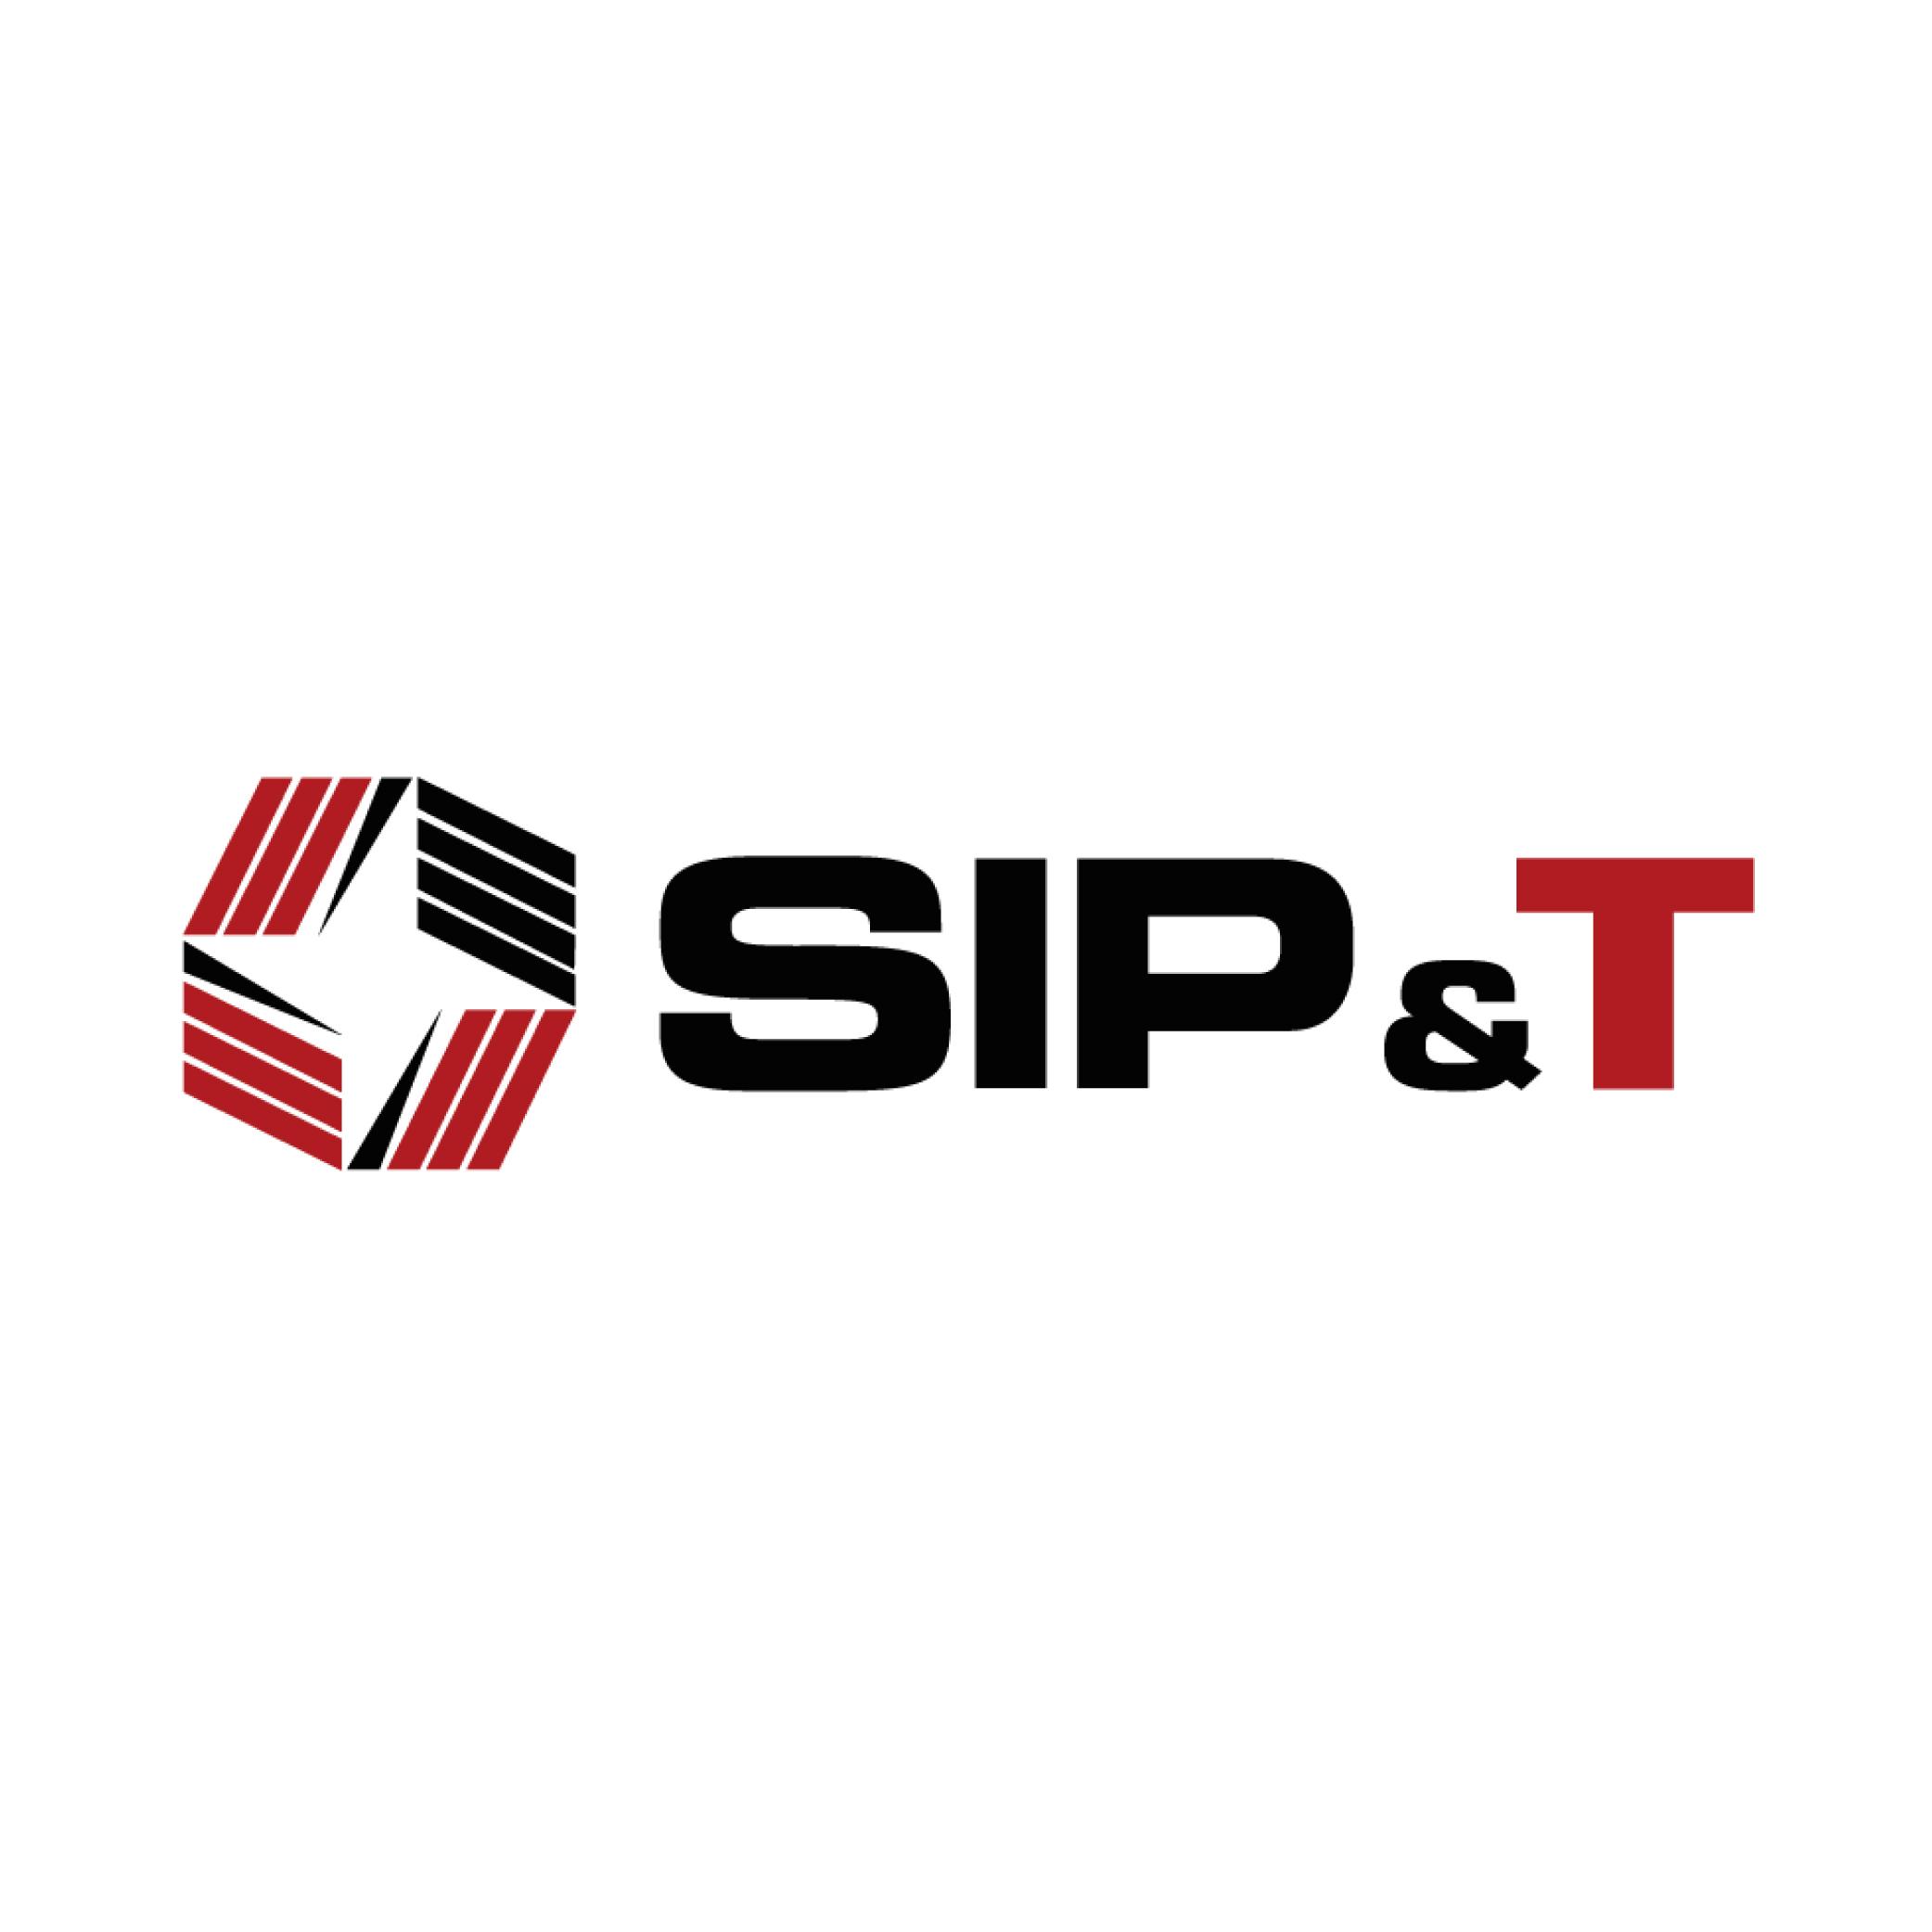 _SIP&T.jpg